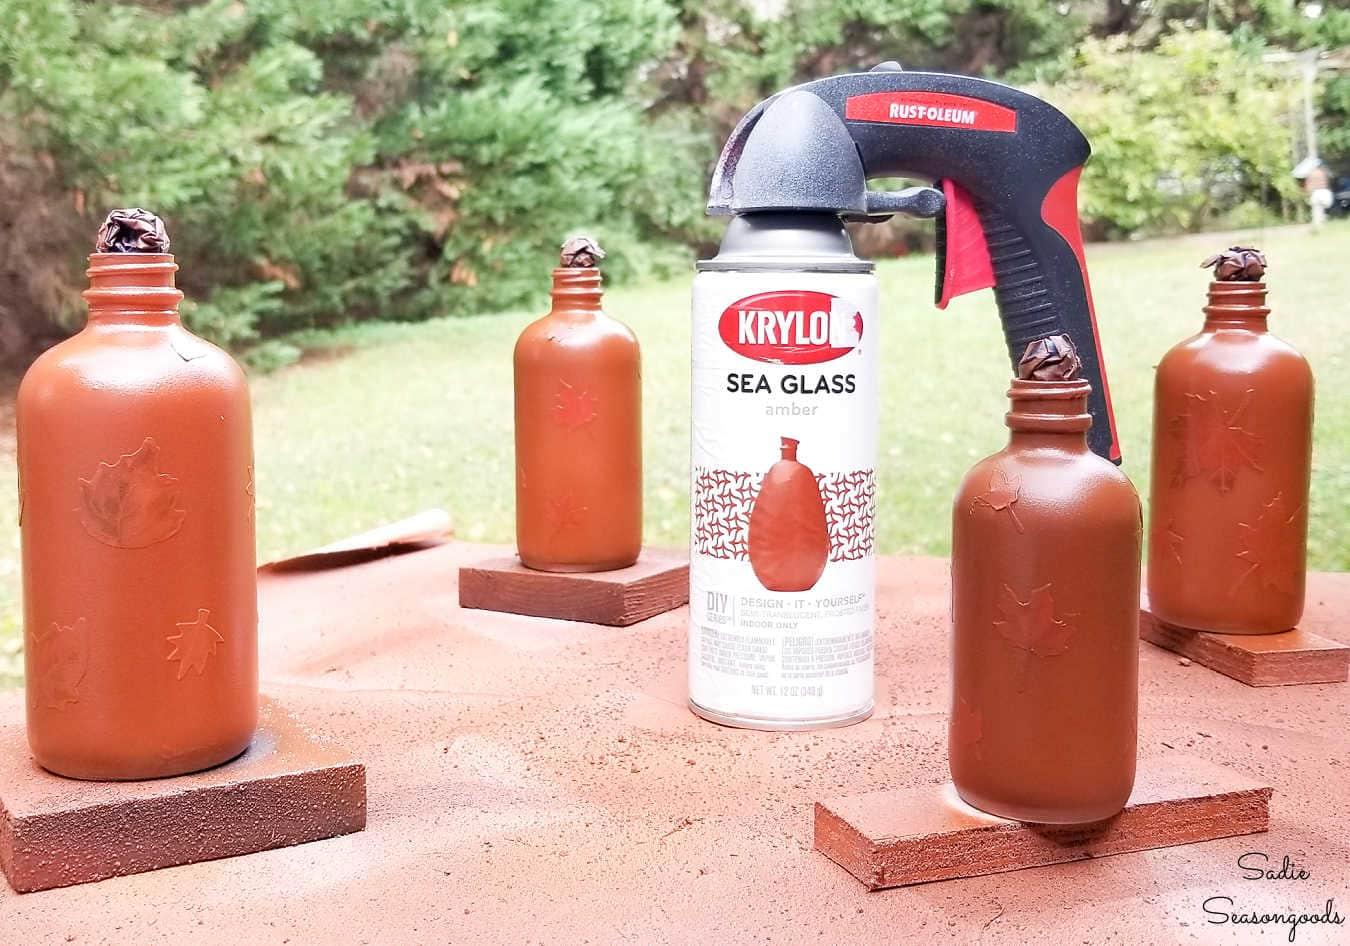 amber glass spray paint on bottles